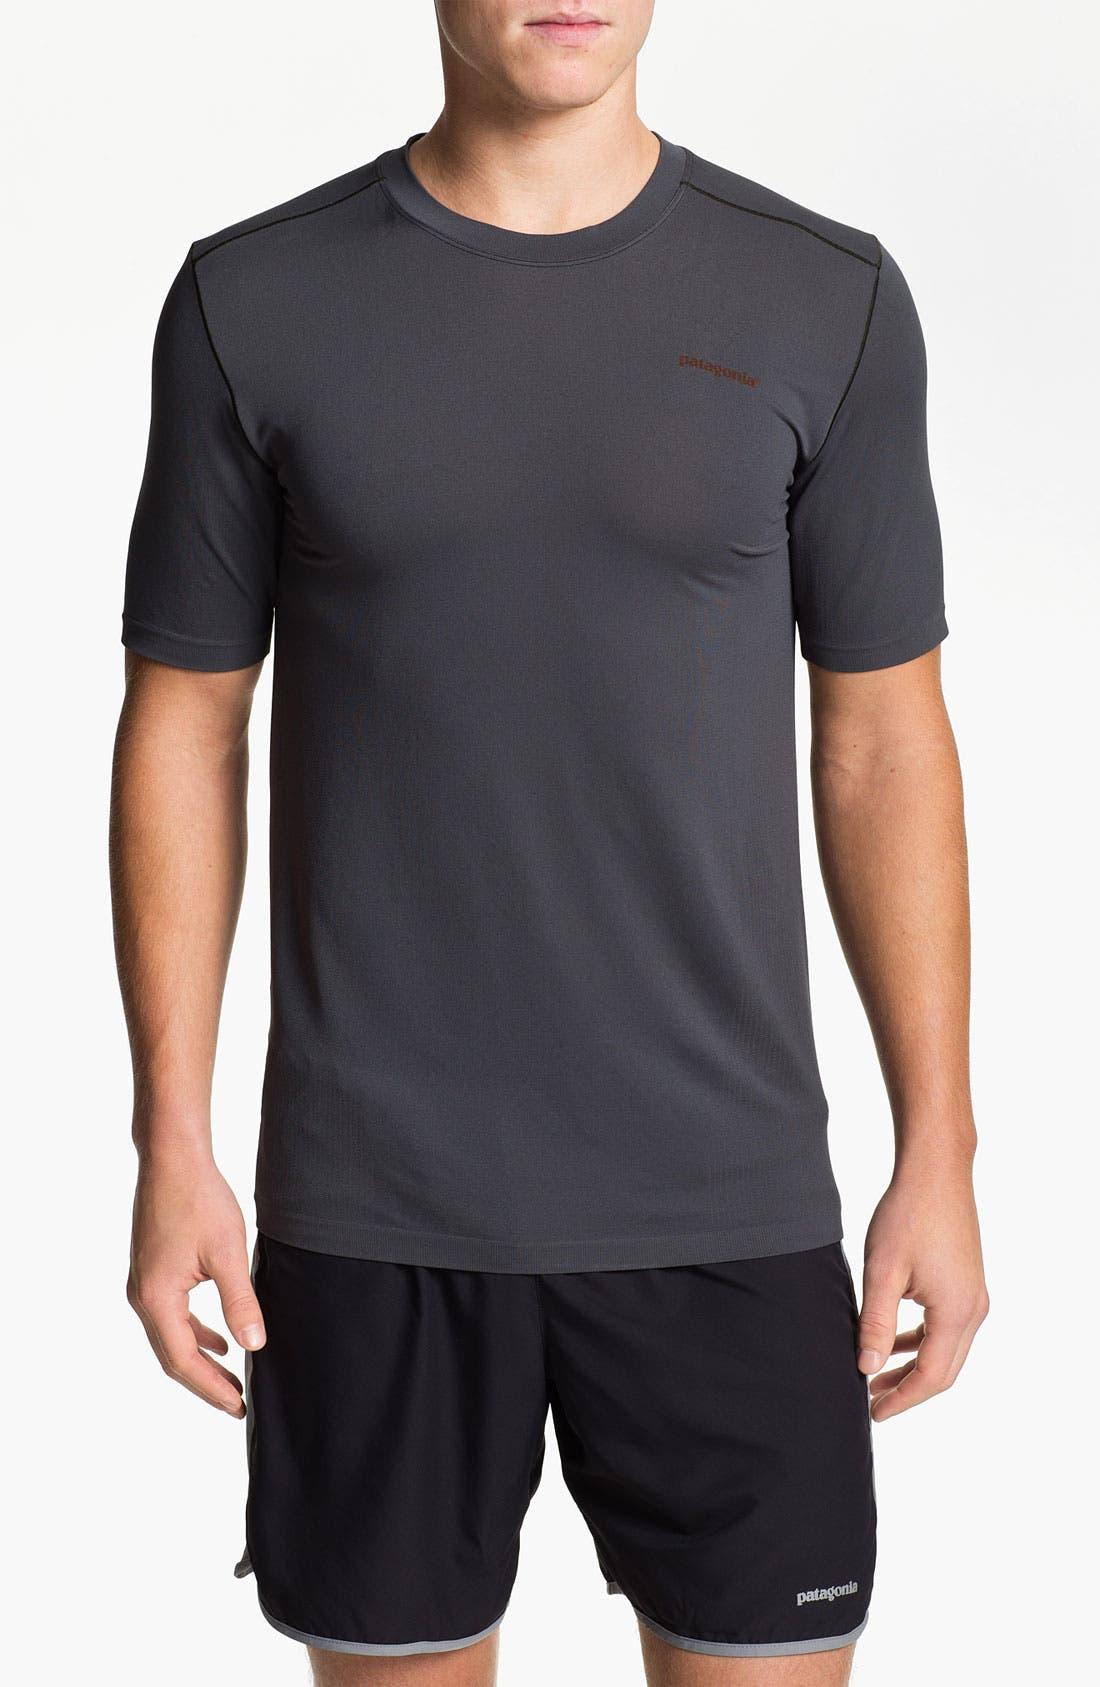 Alternate Image 1 Selected - Patagonia 'Gamut' T-Shirt